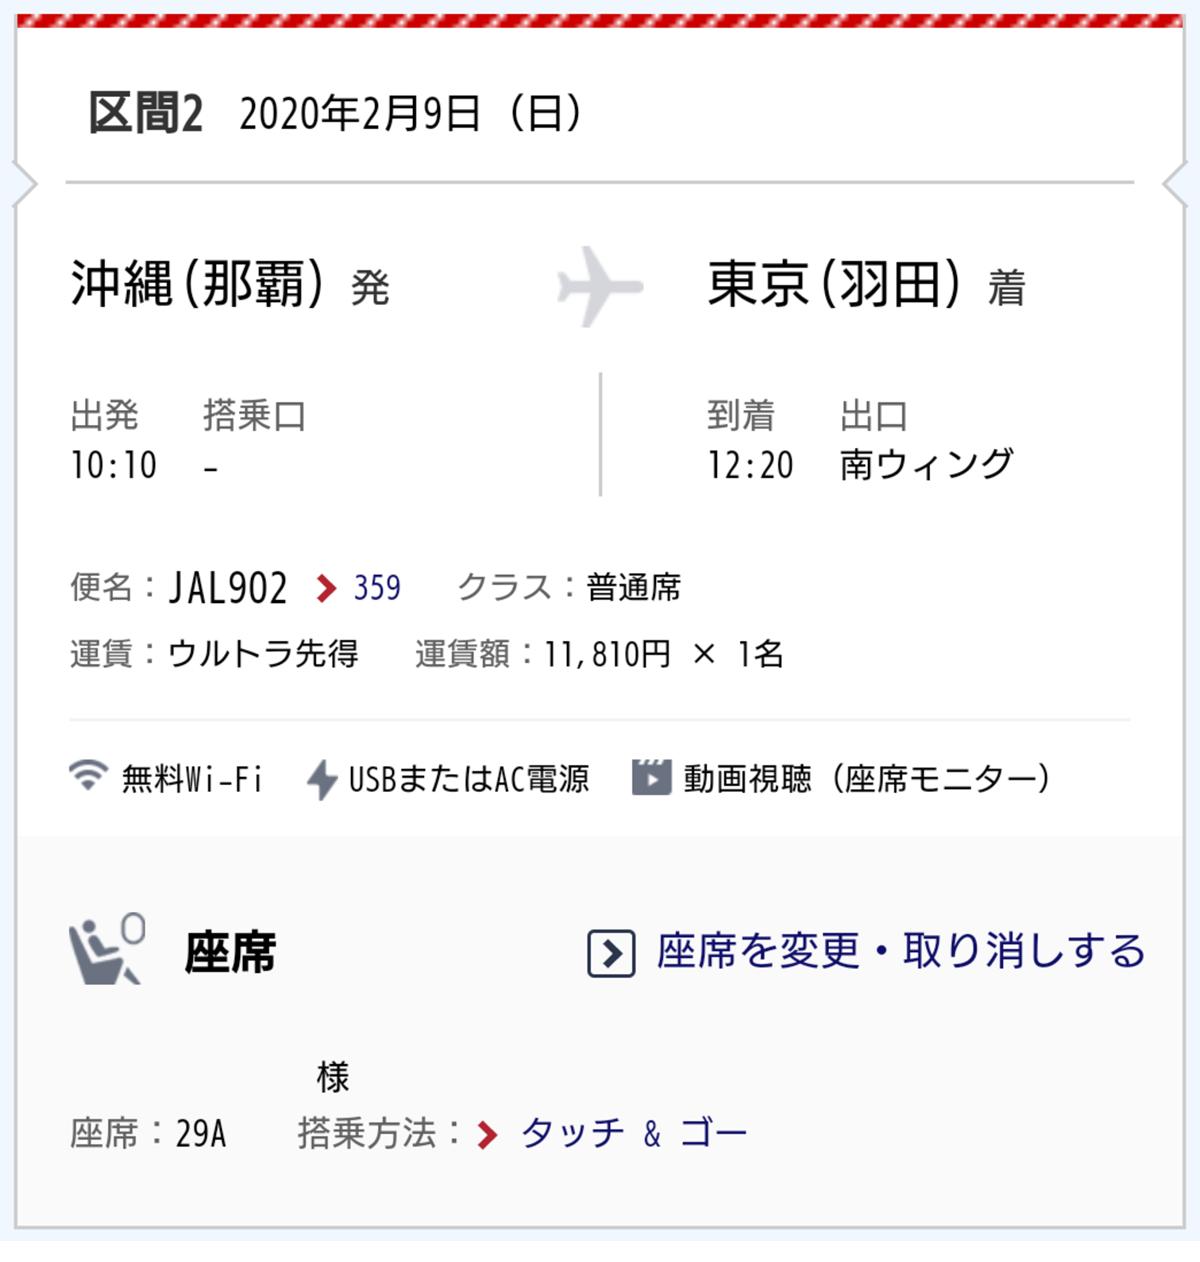 09FEB20 JL902 沖縄 - 羽田